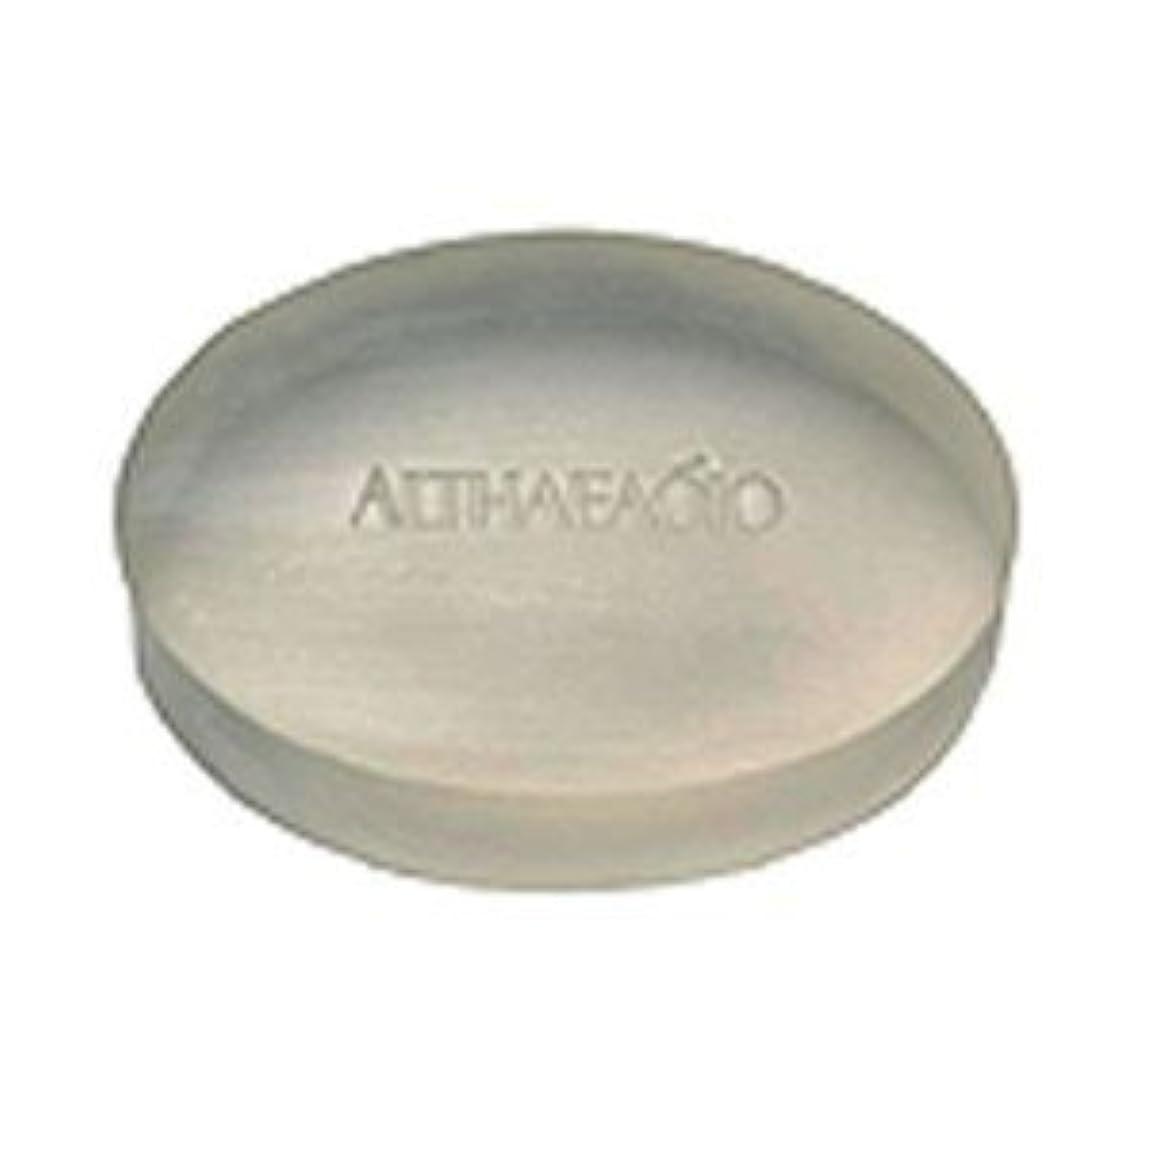 本質的に驚かす稼ぐセプテム エルテオ ソープ レフィル 100g 薬用洗顔石けん